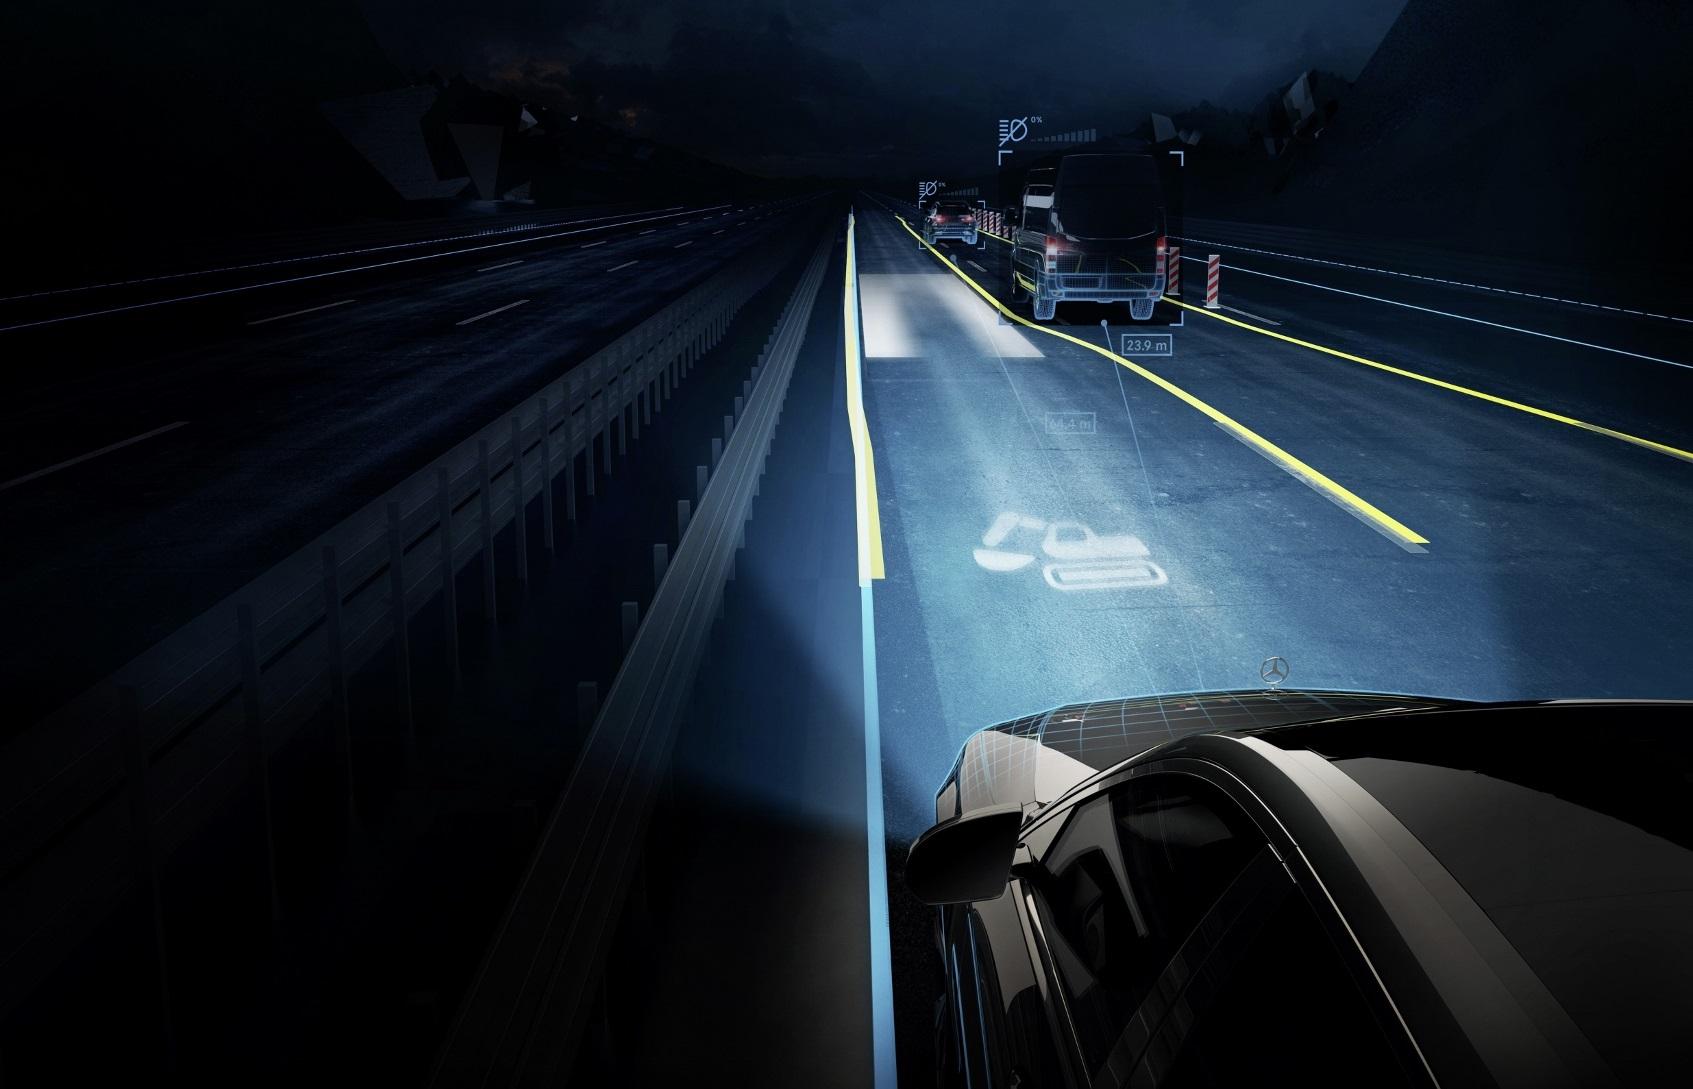 Nový Mercedes S je najpokročilejším Mercedesom v histórii otHgfNVoeO 20c0431001-1700x1275